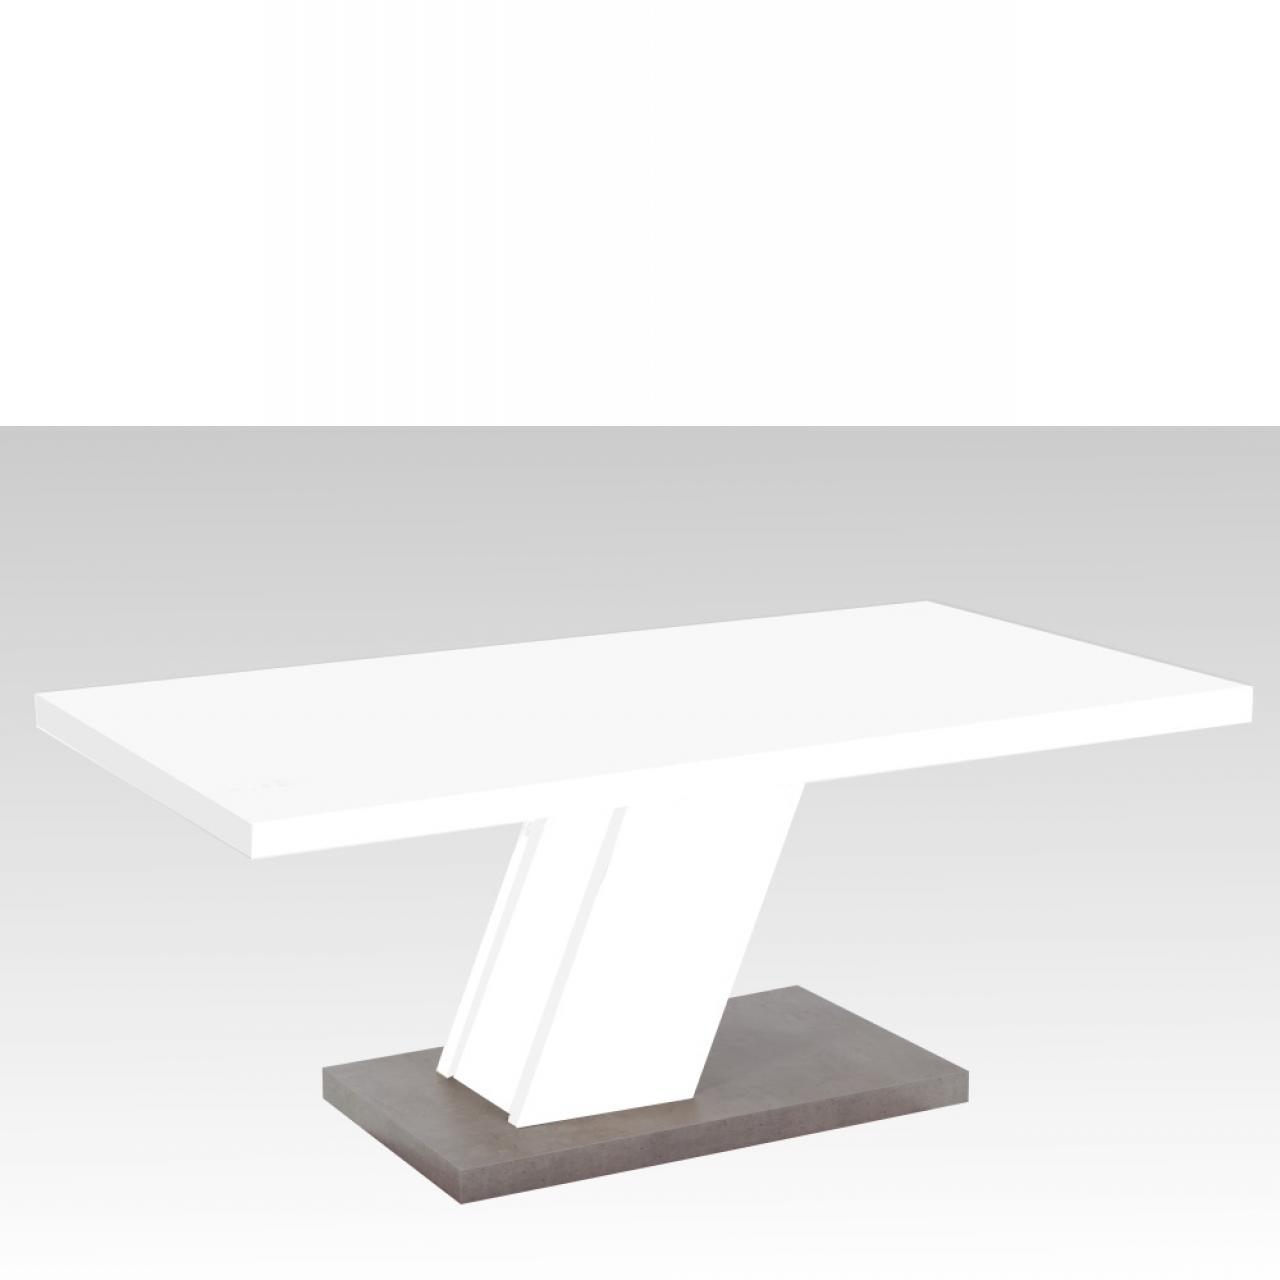 Couchtisch Innsbruck 3 weiß Betonoptik Wohnzimmertisch Stubentisch Tisch